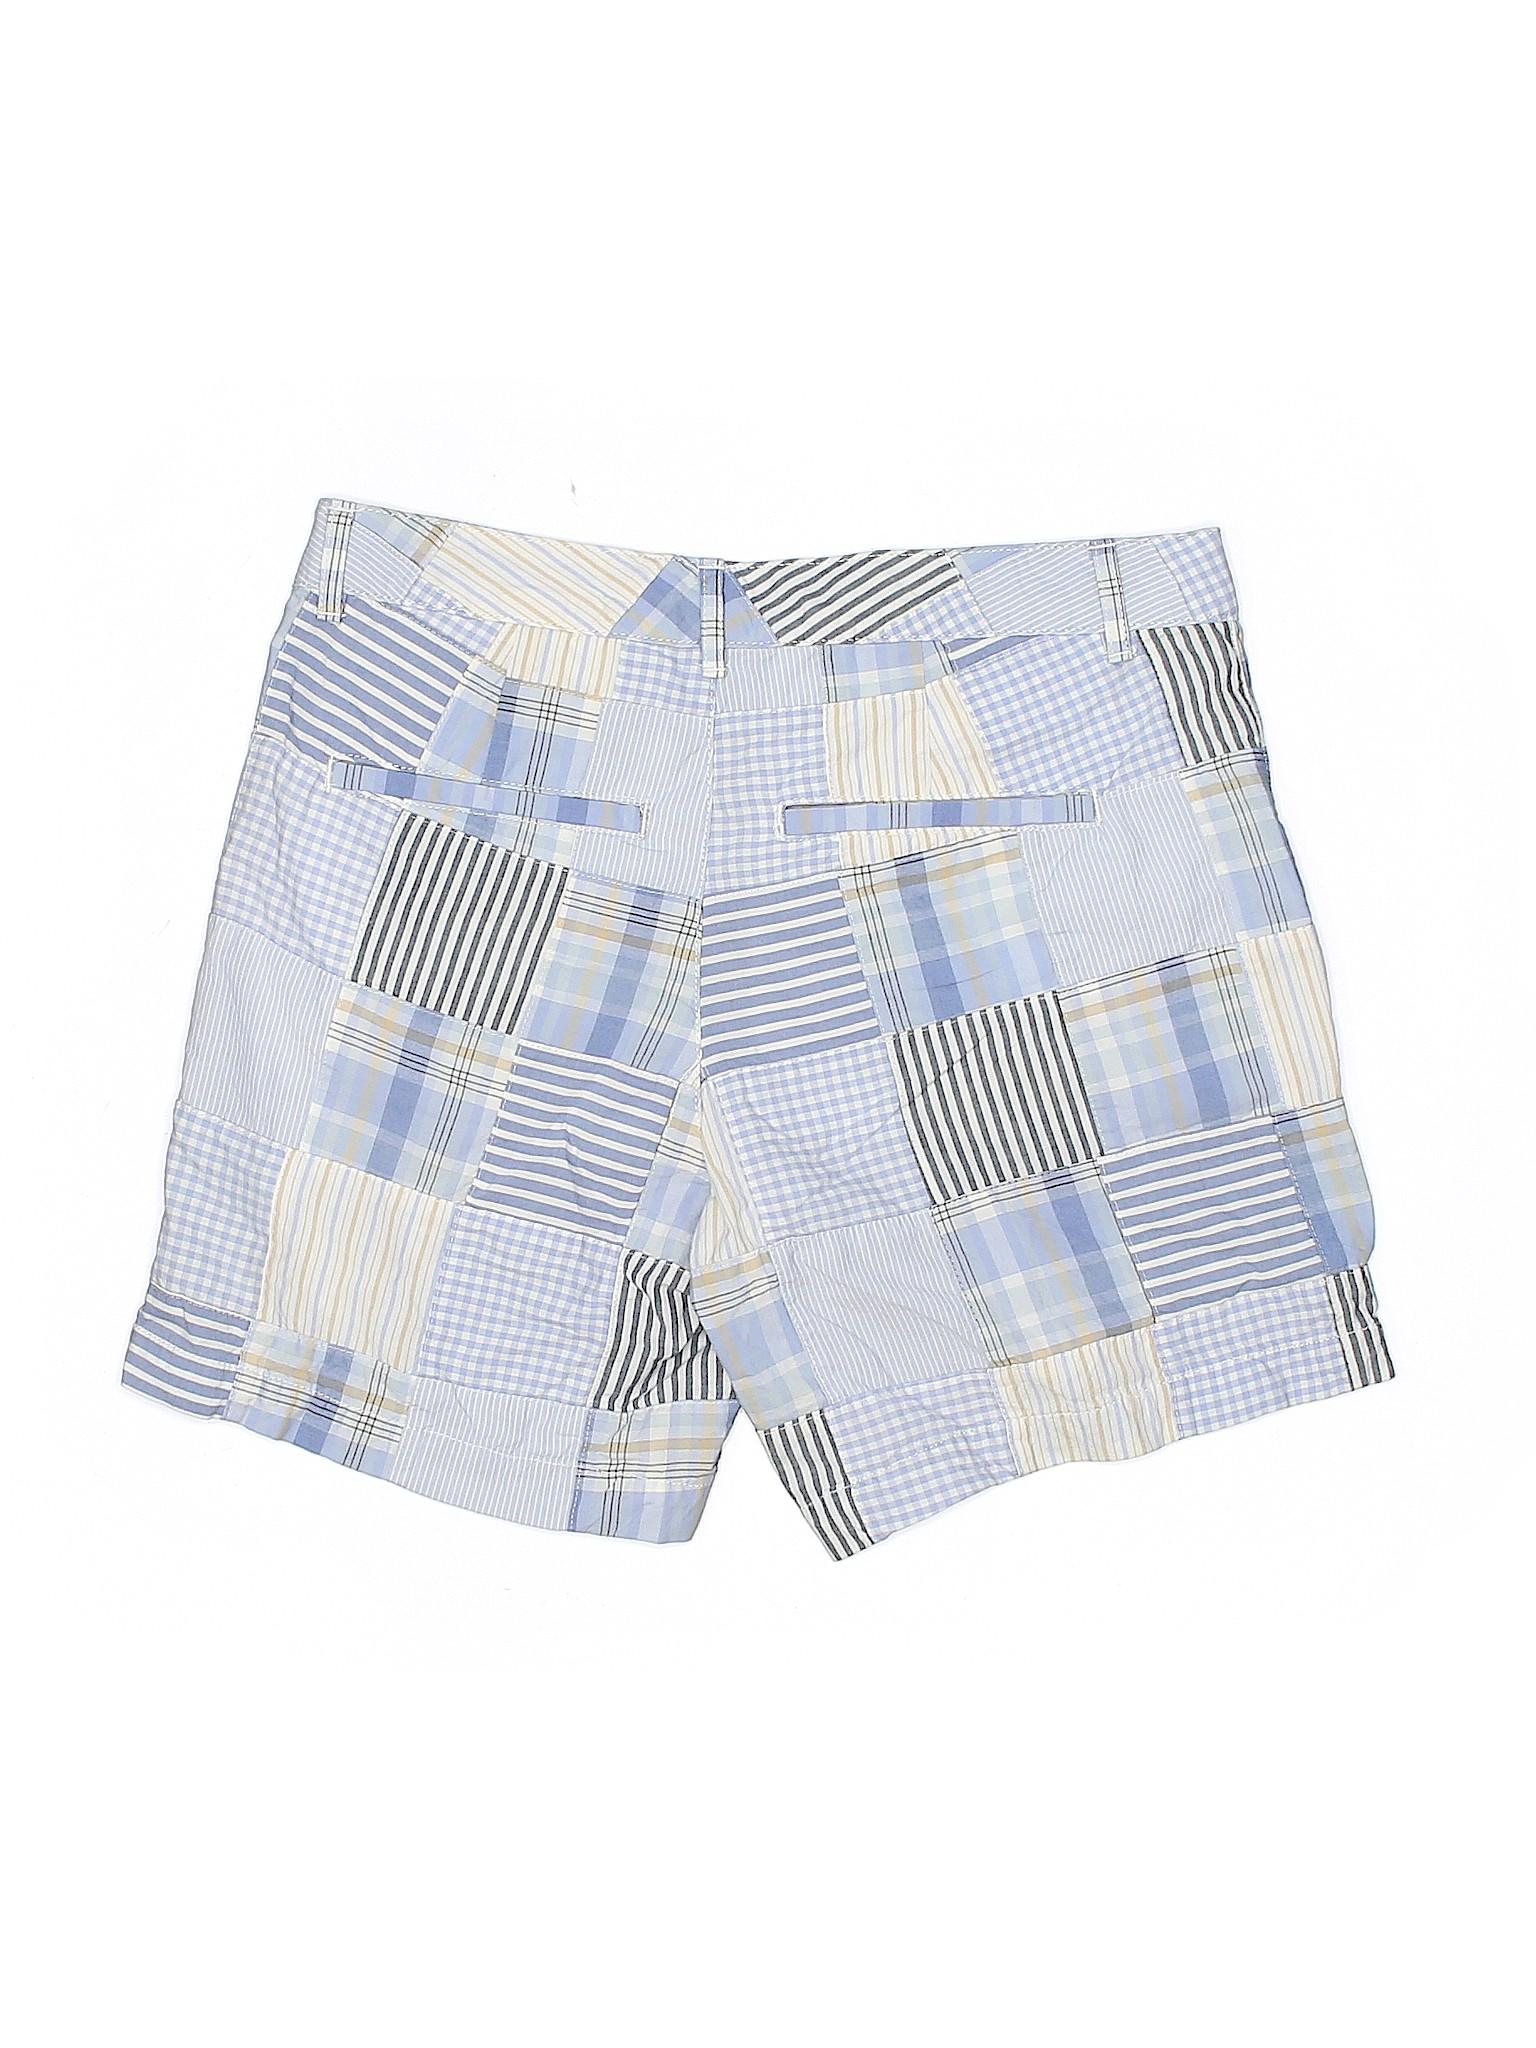 L Shorts Bean L winter Khaki Leisure H1pwz5